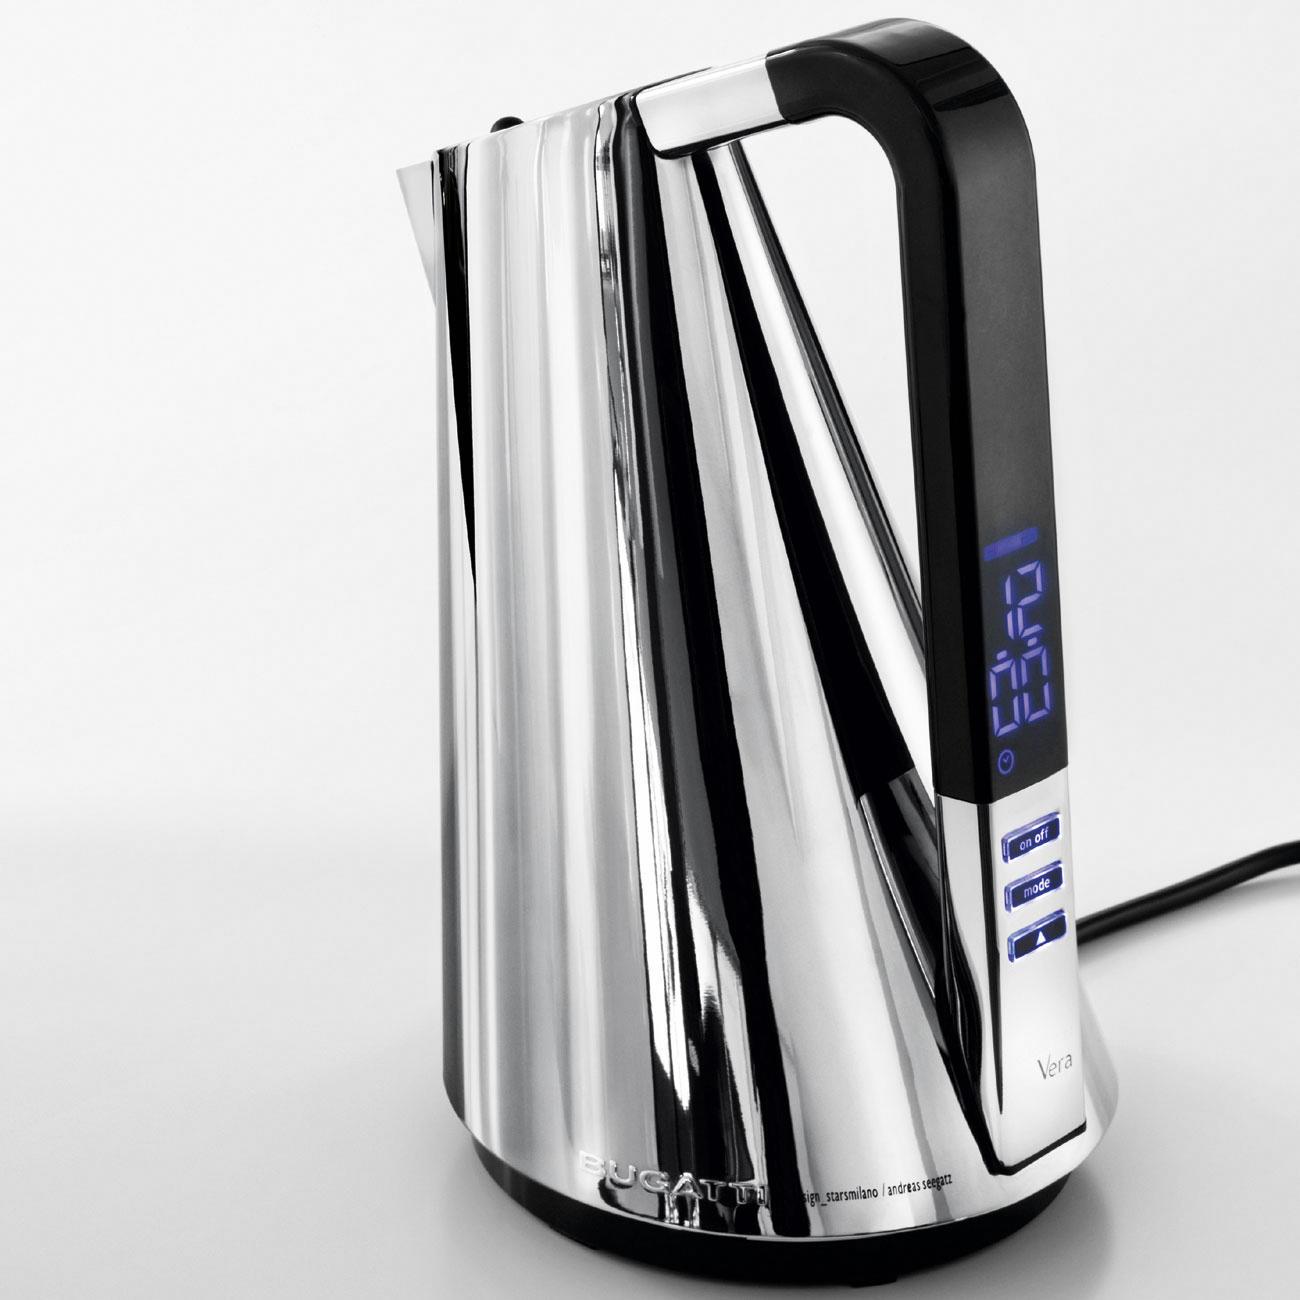 bugatti design wasserkocher mit 3 jahren garantie. Black Bedroom Furniture Sets. Home Design Ideas